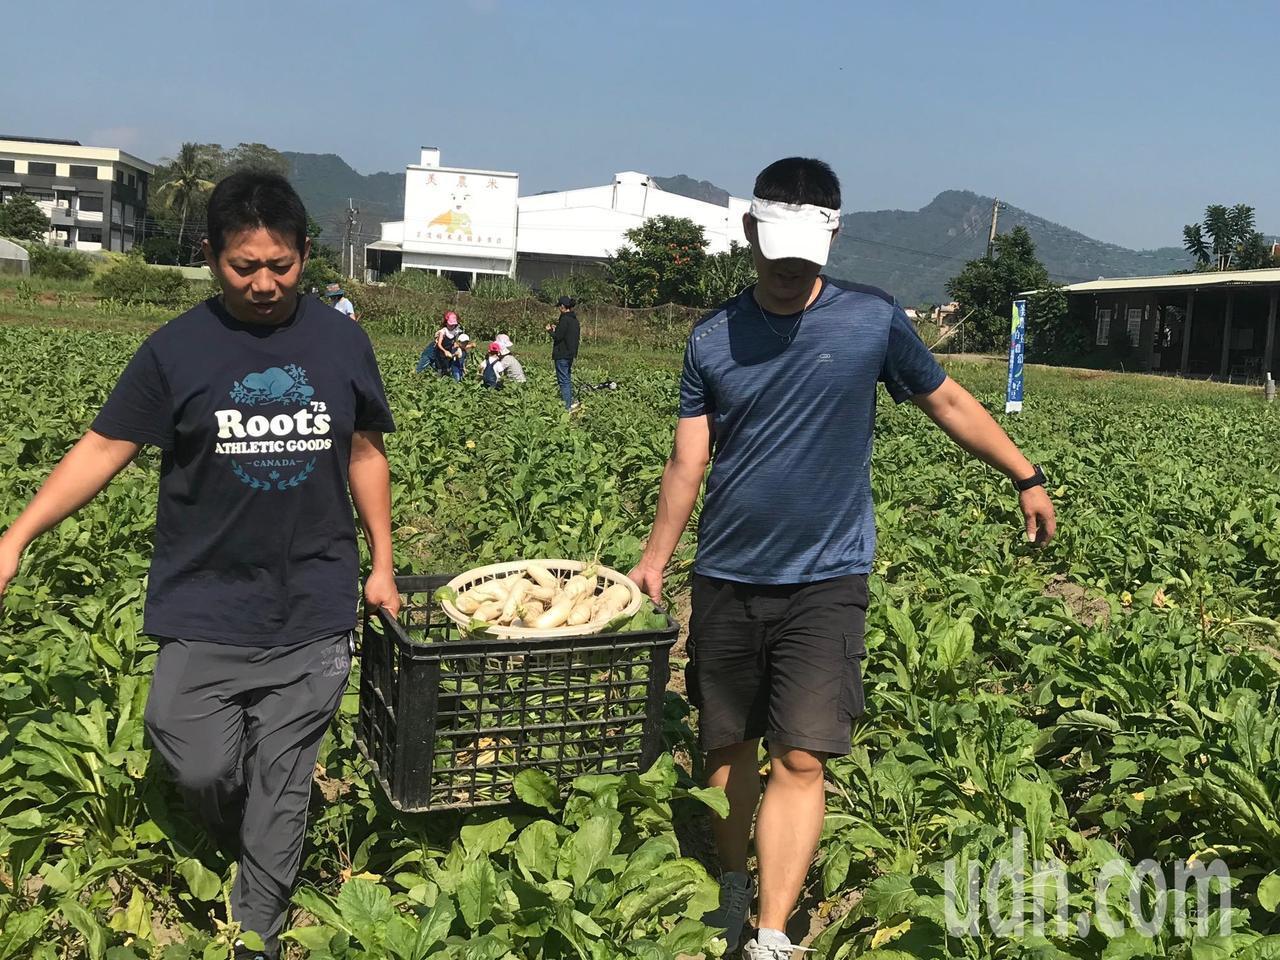 今年白玉蘿蔔成長順利,遊客將採收好的蘿蔔抬出農地。記者徐白櫻/攝影